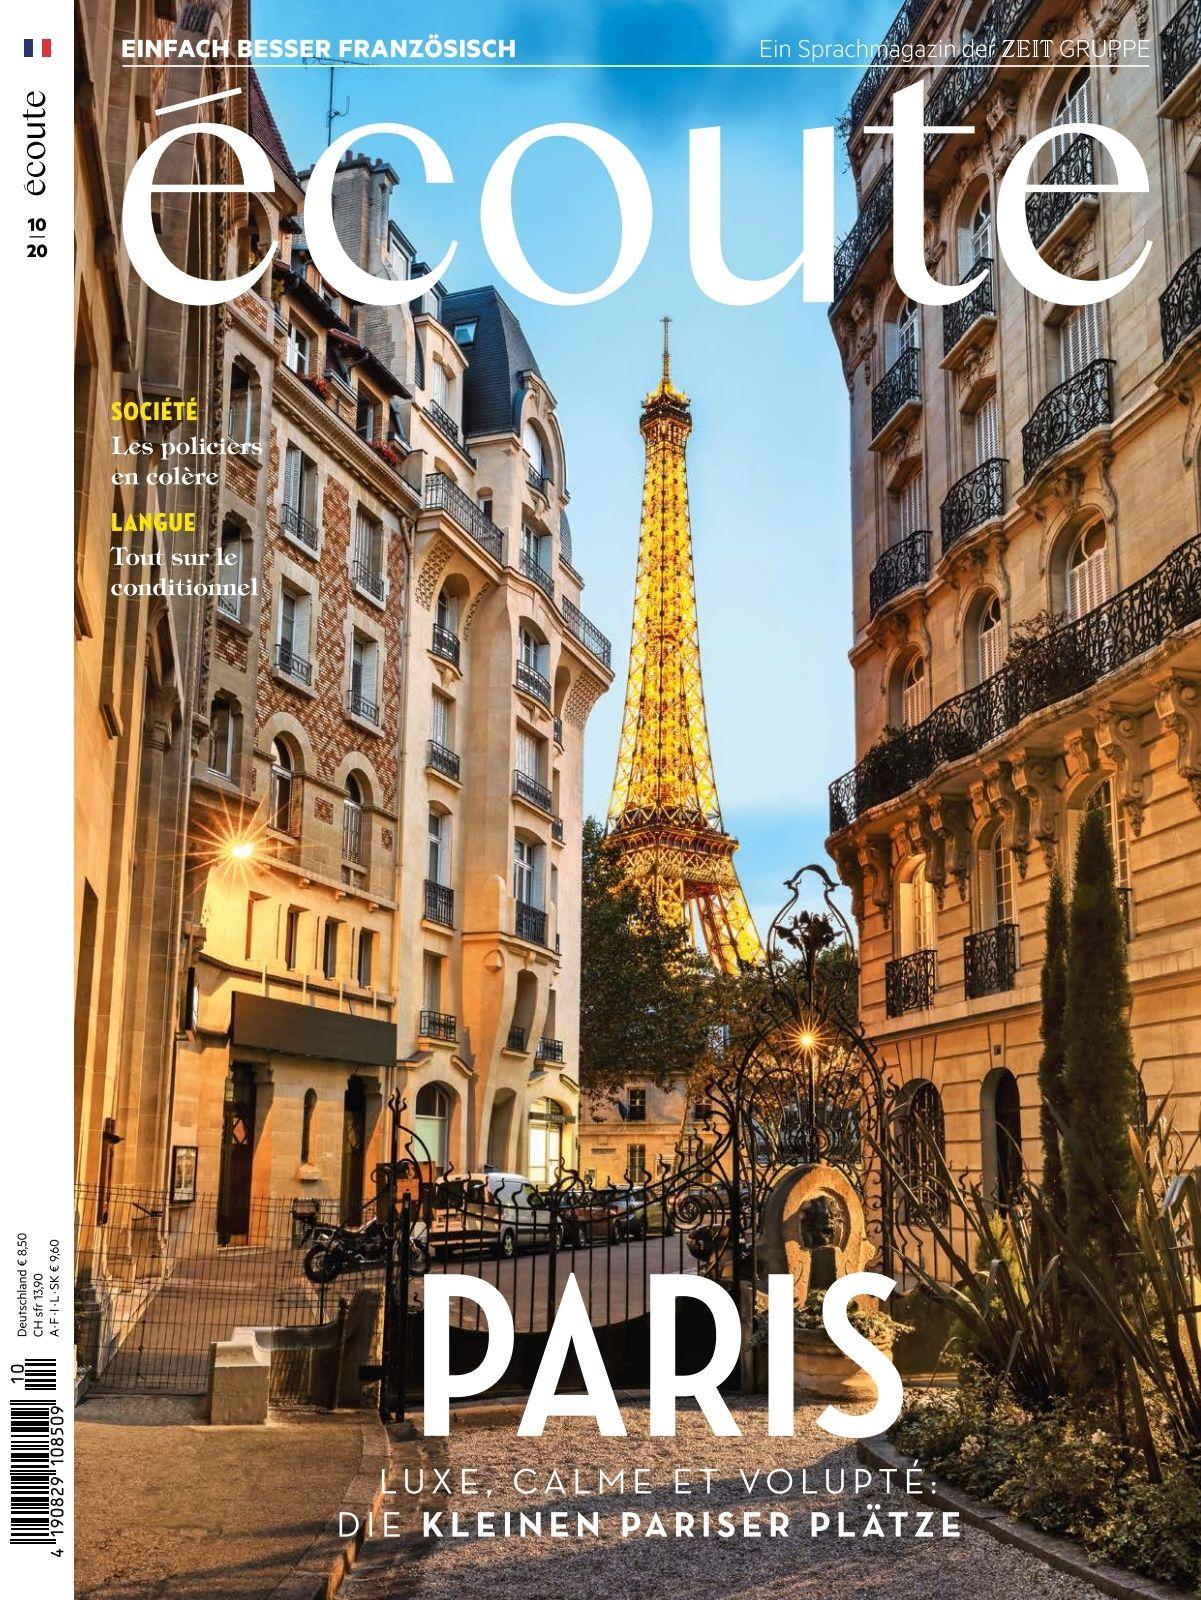 Ecoute 10 2020 In 2020 Lesen Paris Aktuell Nachrichten